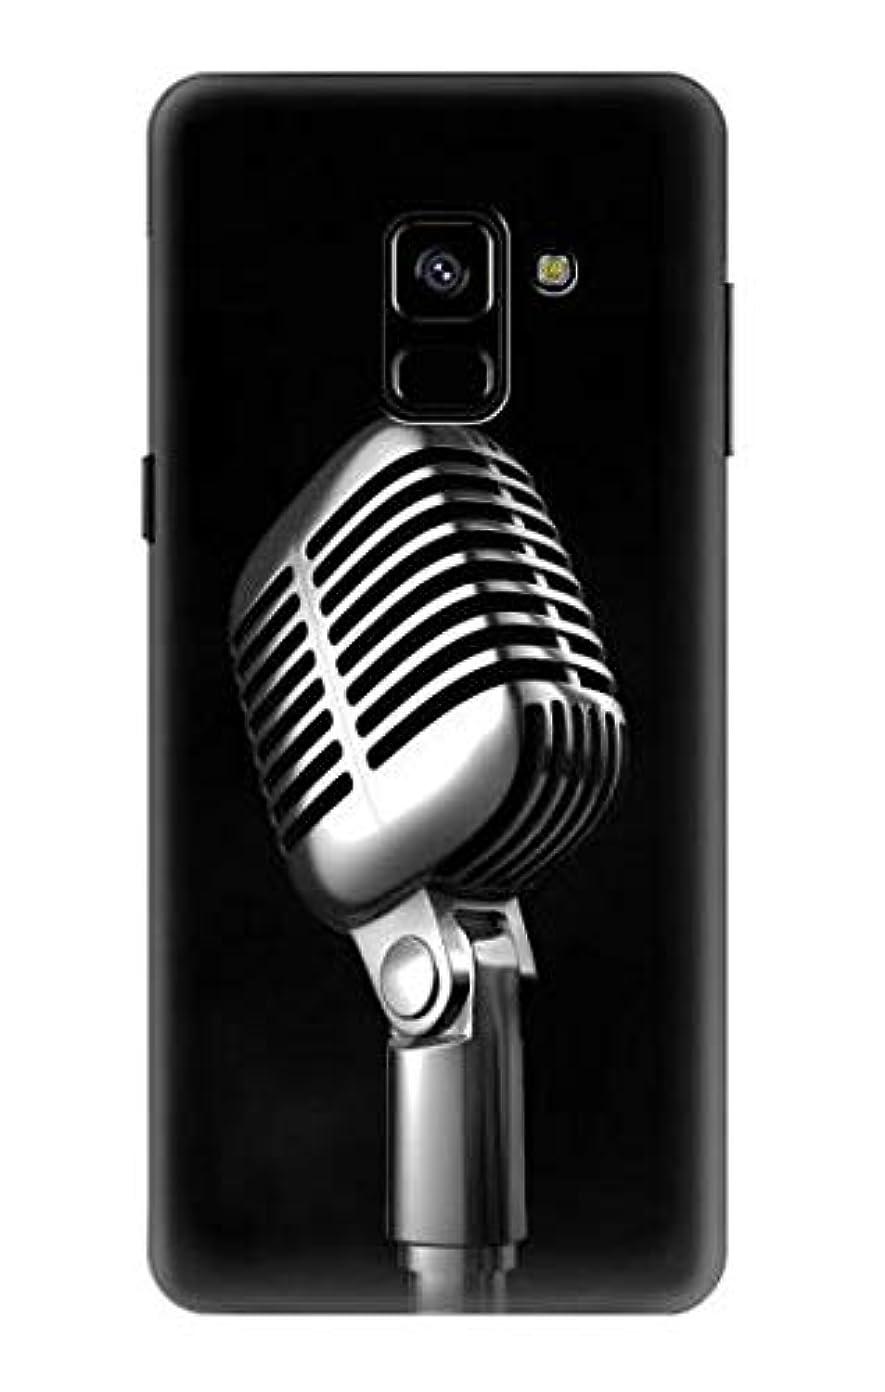 抹消プーノ省略するJP1672A88 レトロ マイク ジャズ音楽 Retro Microphone Jazz Music Samsung Galaxy A8 (2018) ケース